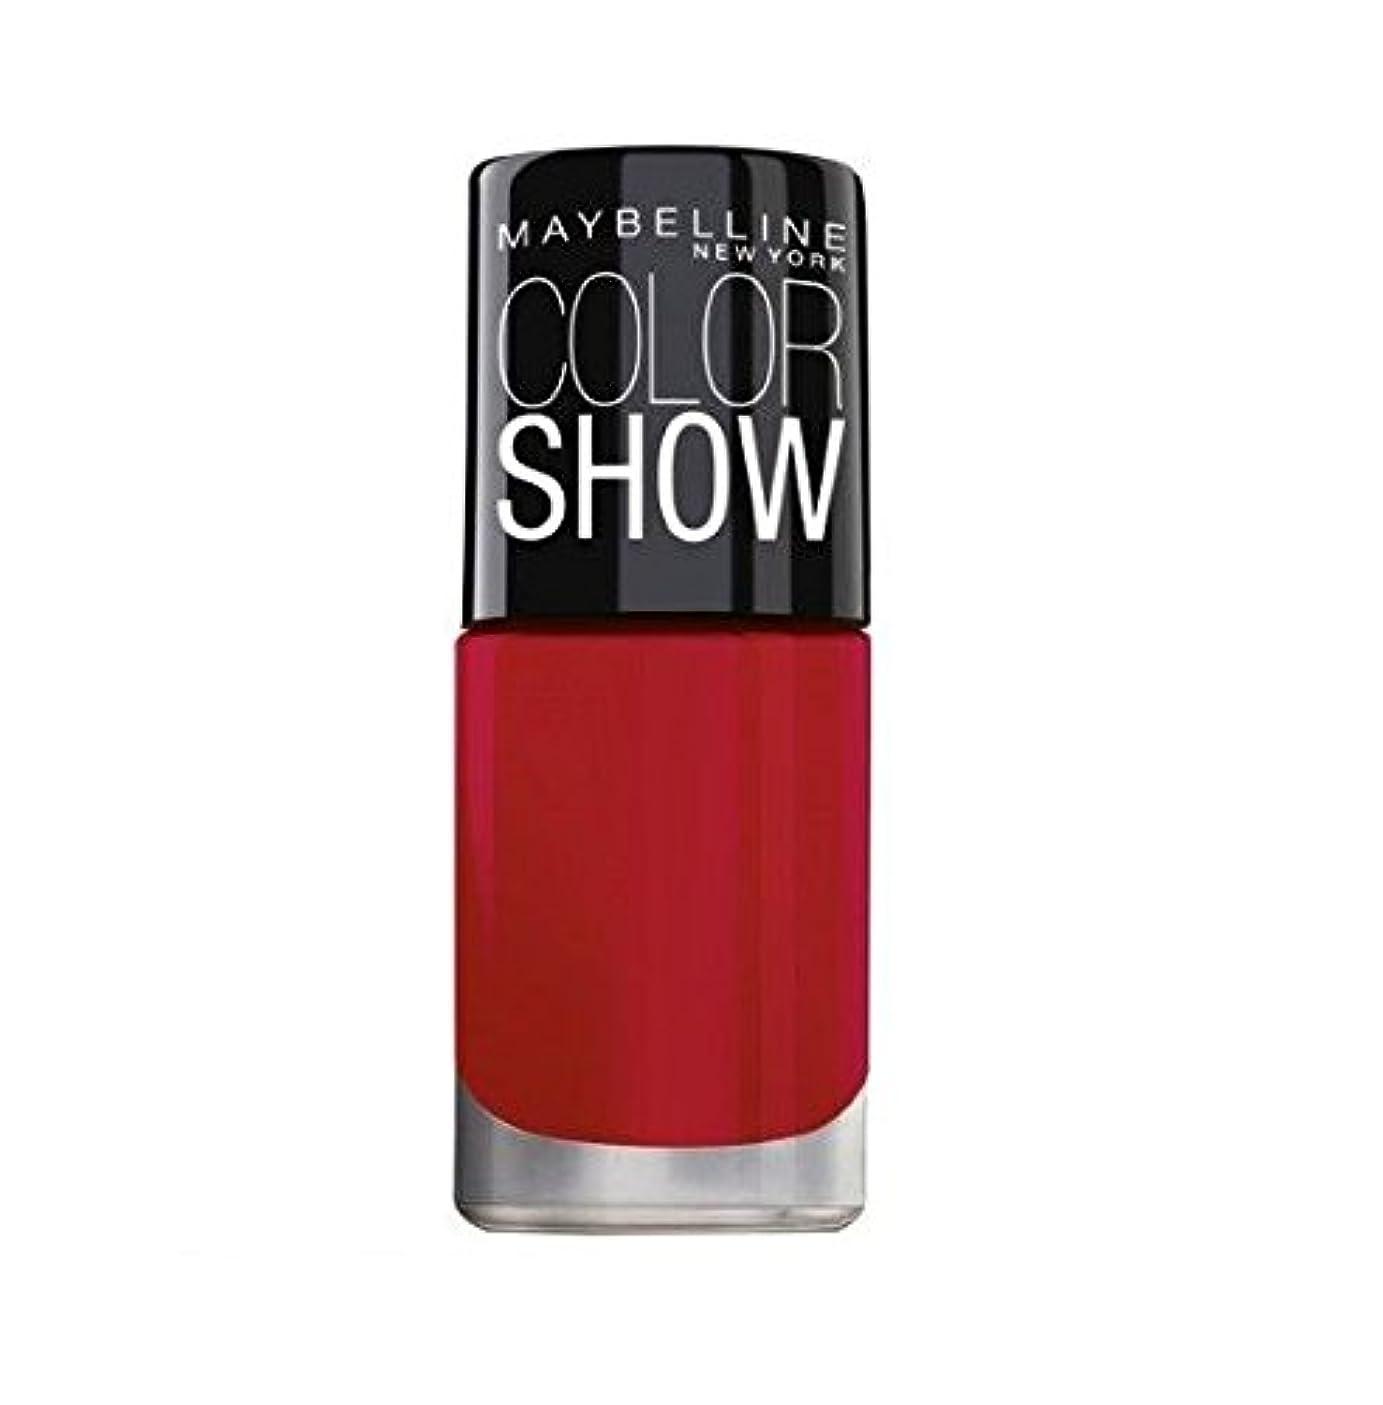 テーマ再編成する科学的Maybelline Color Show Bright Sparks, Power of Red 708, 6ml